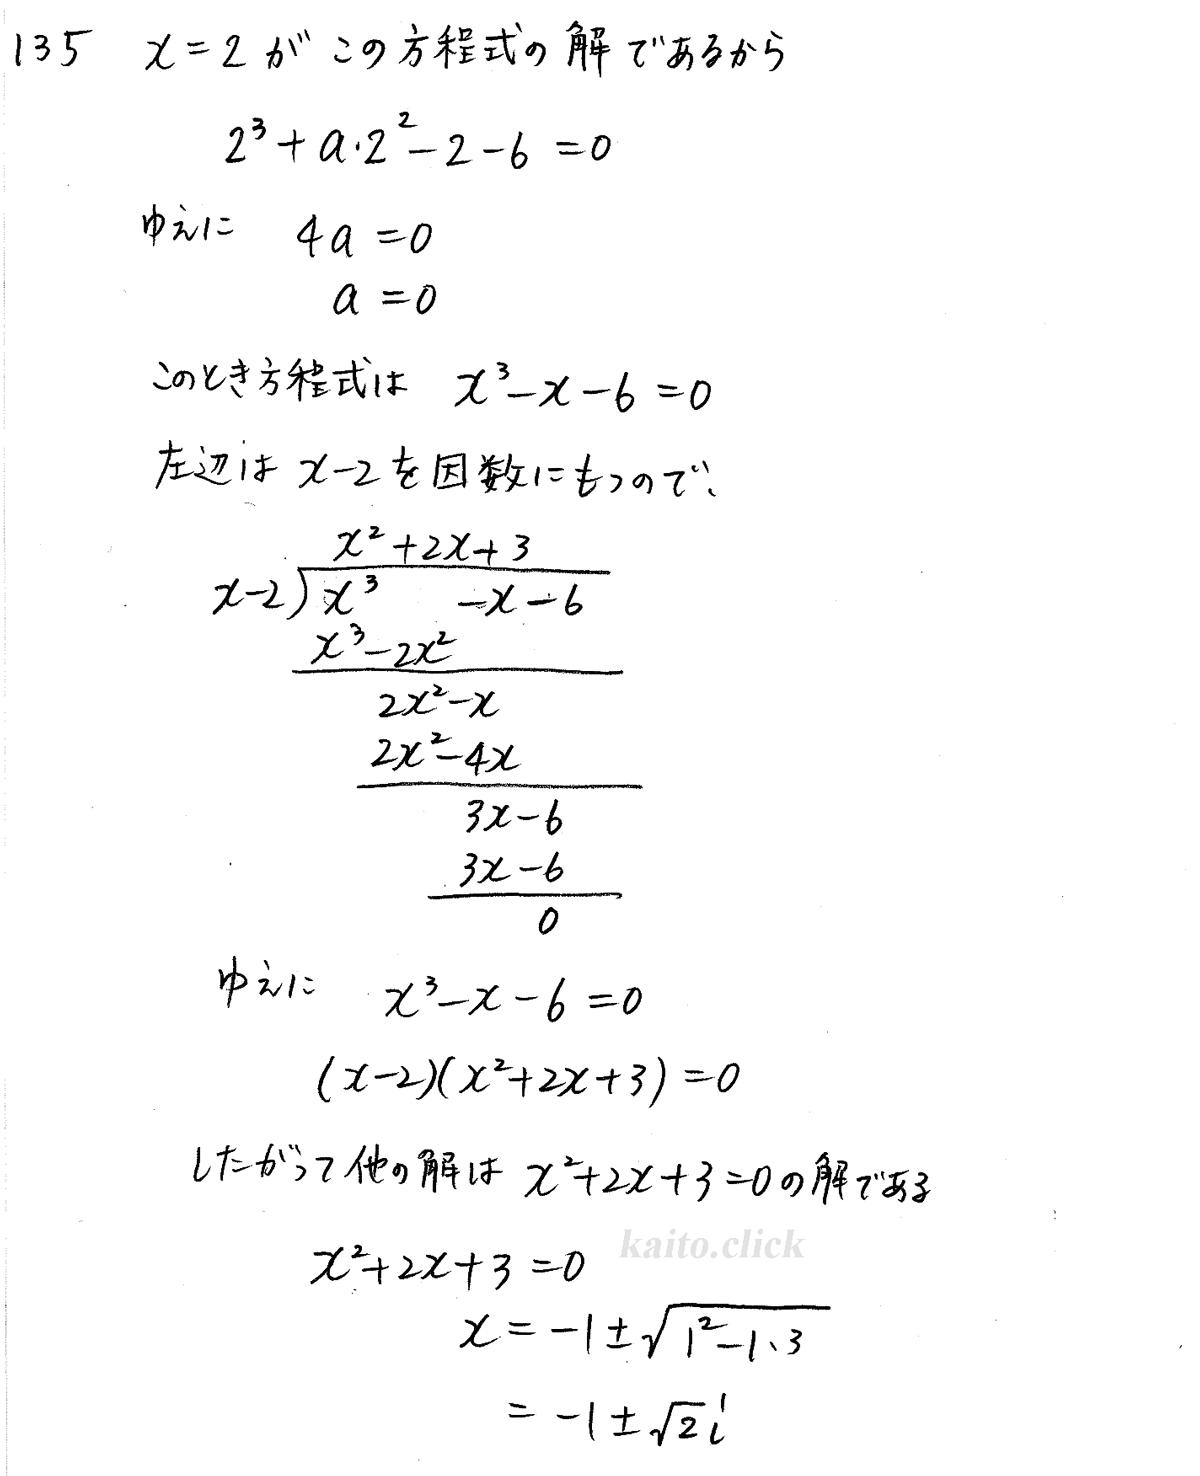 クリアー数学2-135解答